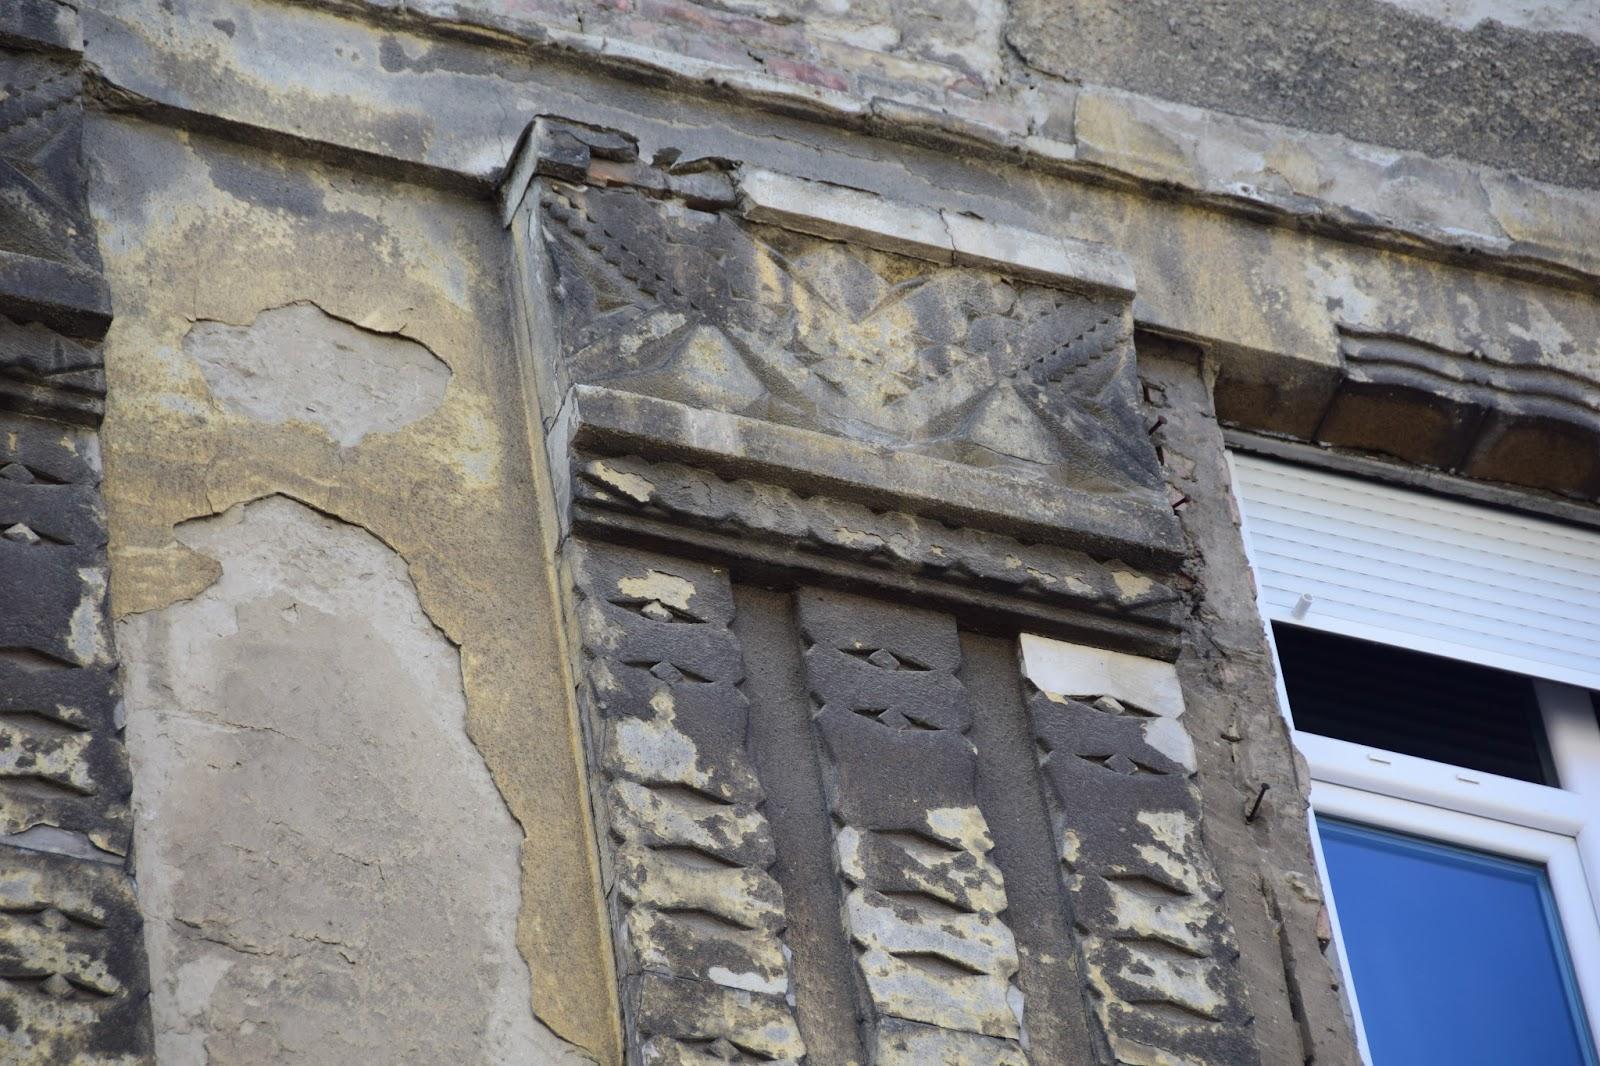 GABT still in disrepair 63